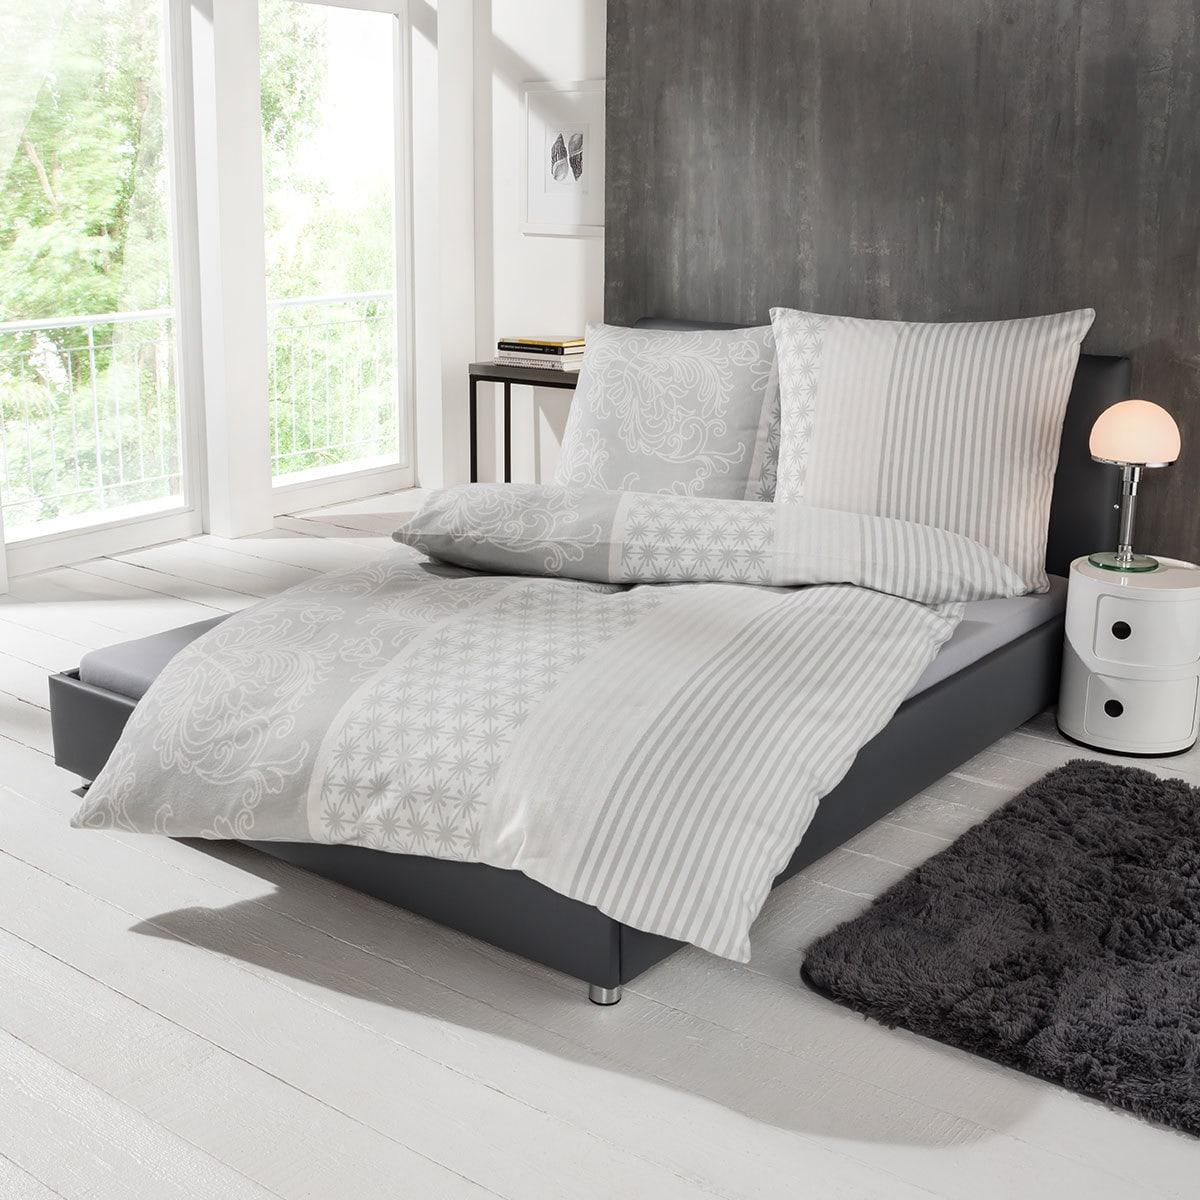 ibena zeitgeist flanell bettw sche schneeflocken grau g nstig online kaufen bei bettwaren shop. Black Bedroom Furniture Sets. Home Design Ideas